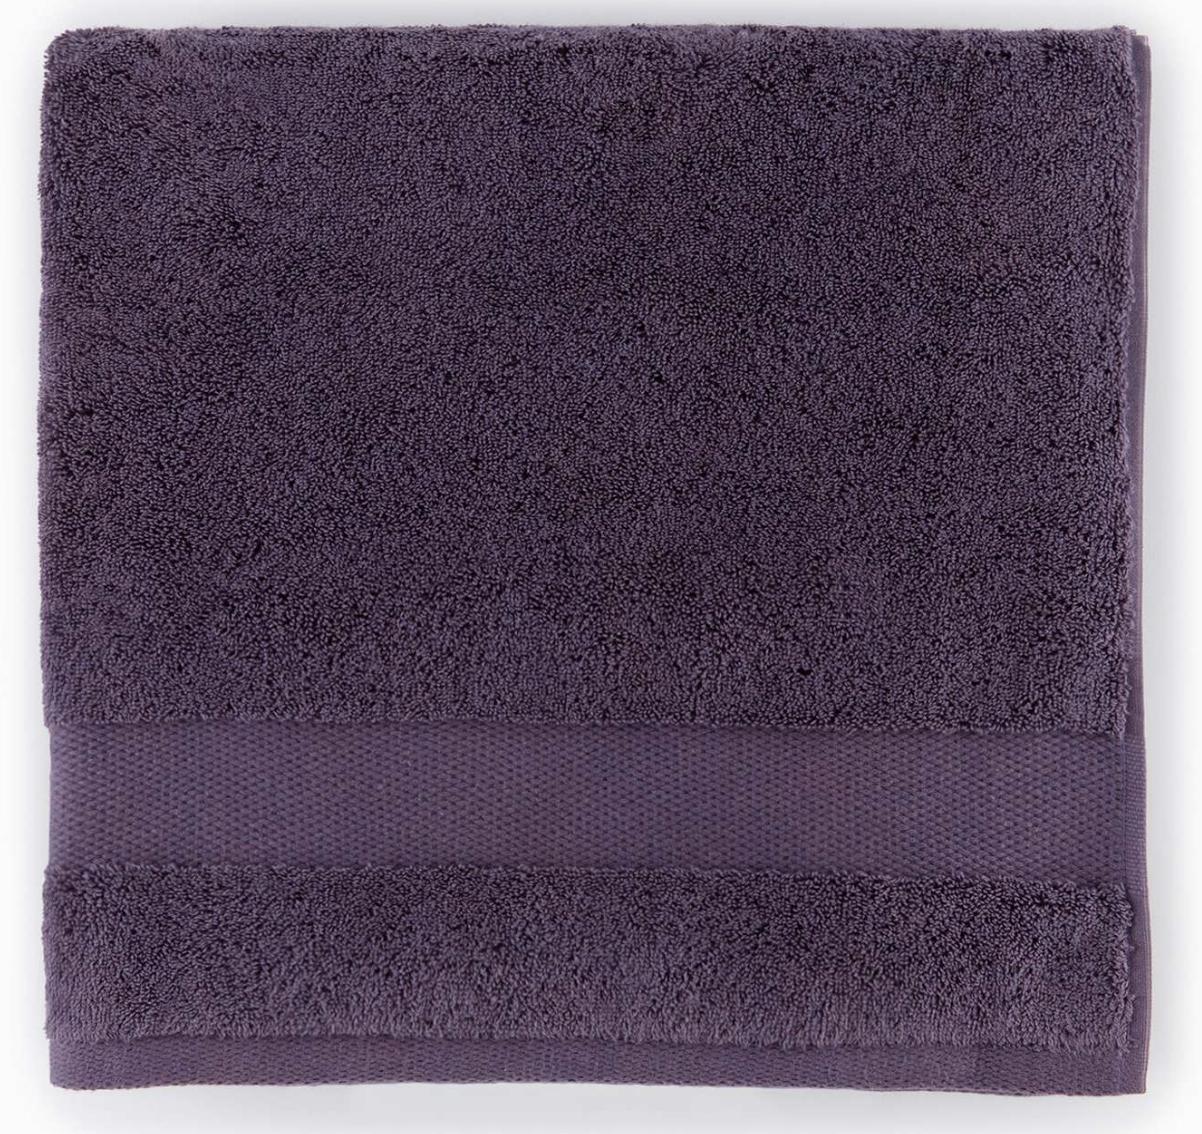 Sferra -  Bath Sheet  $118